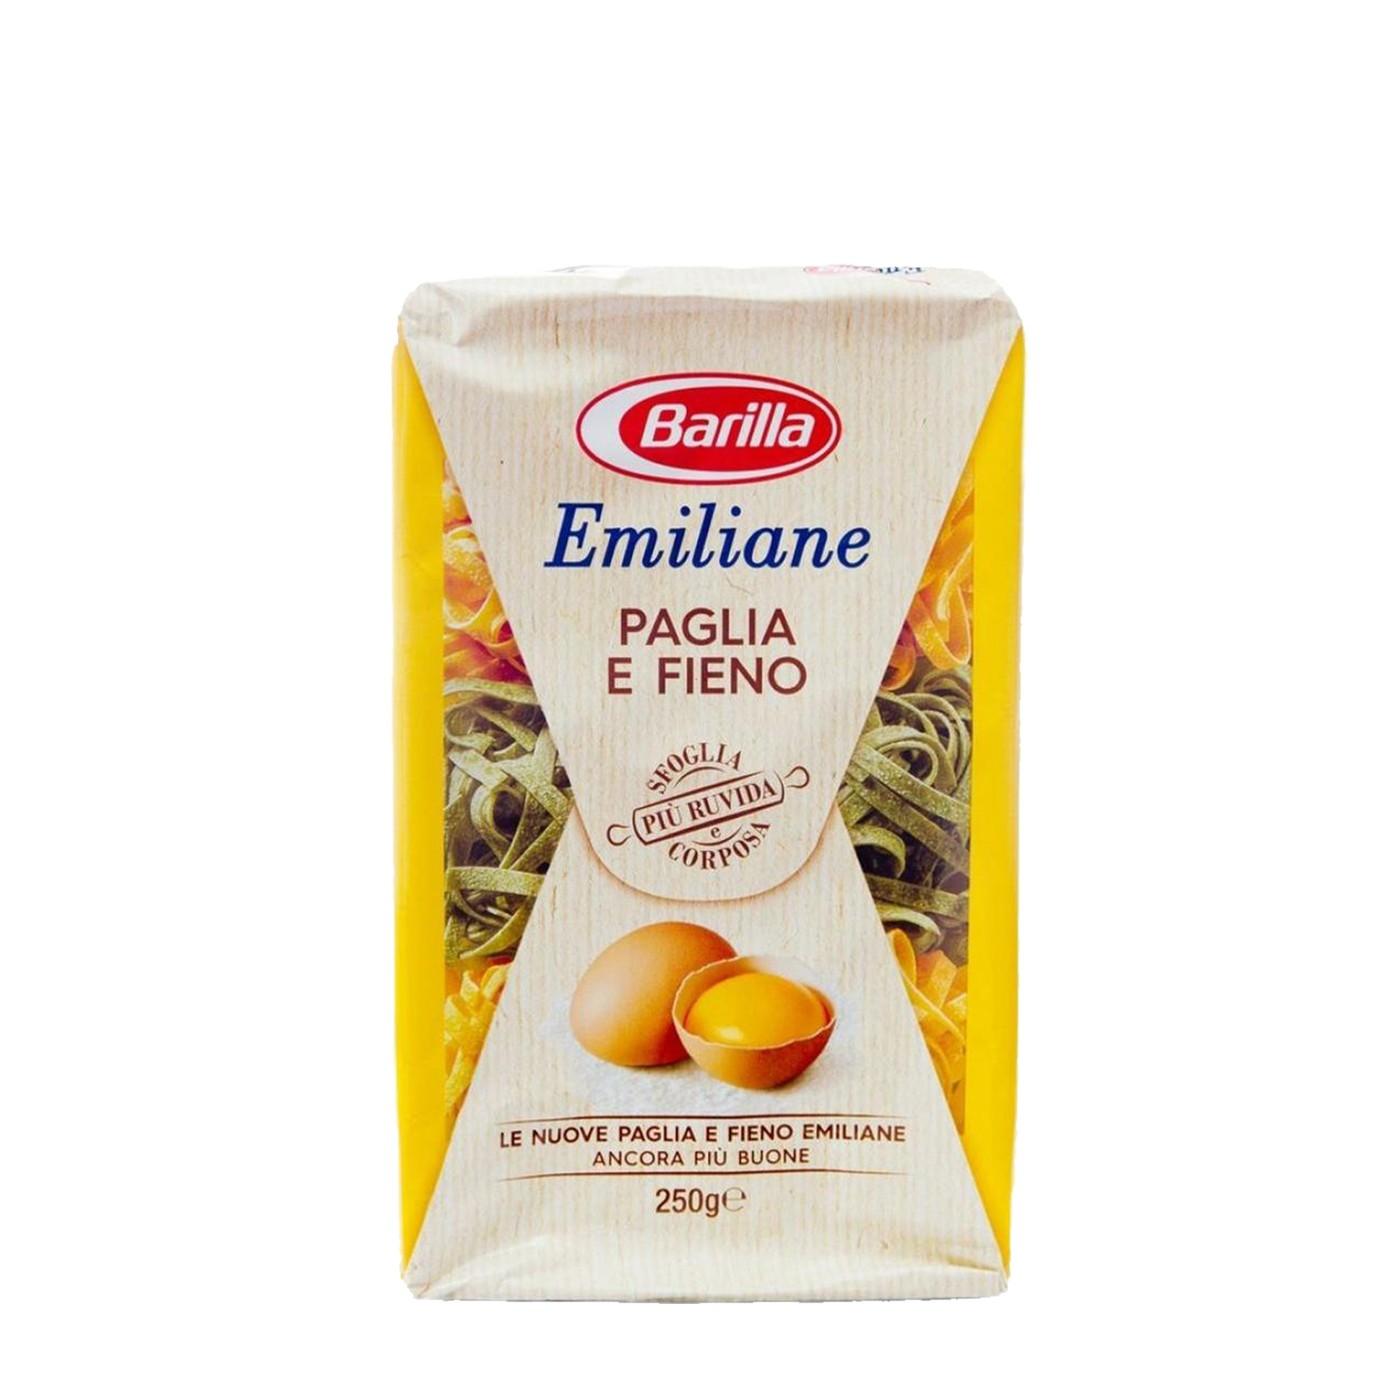 Paglia e Fieno Pasta 8.8 oz